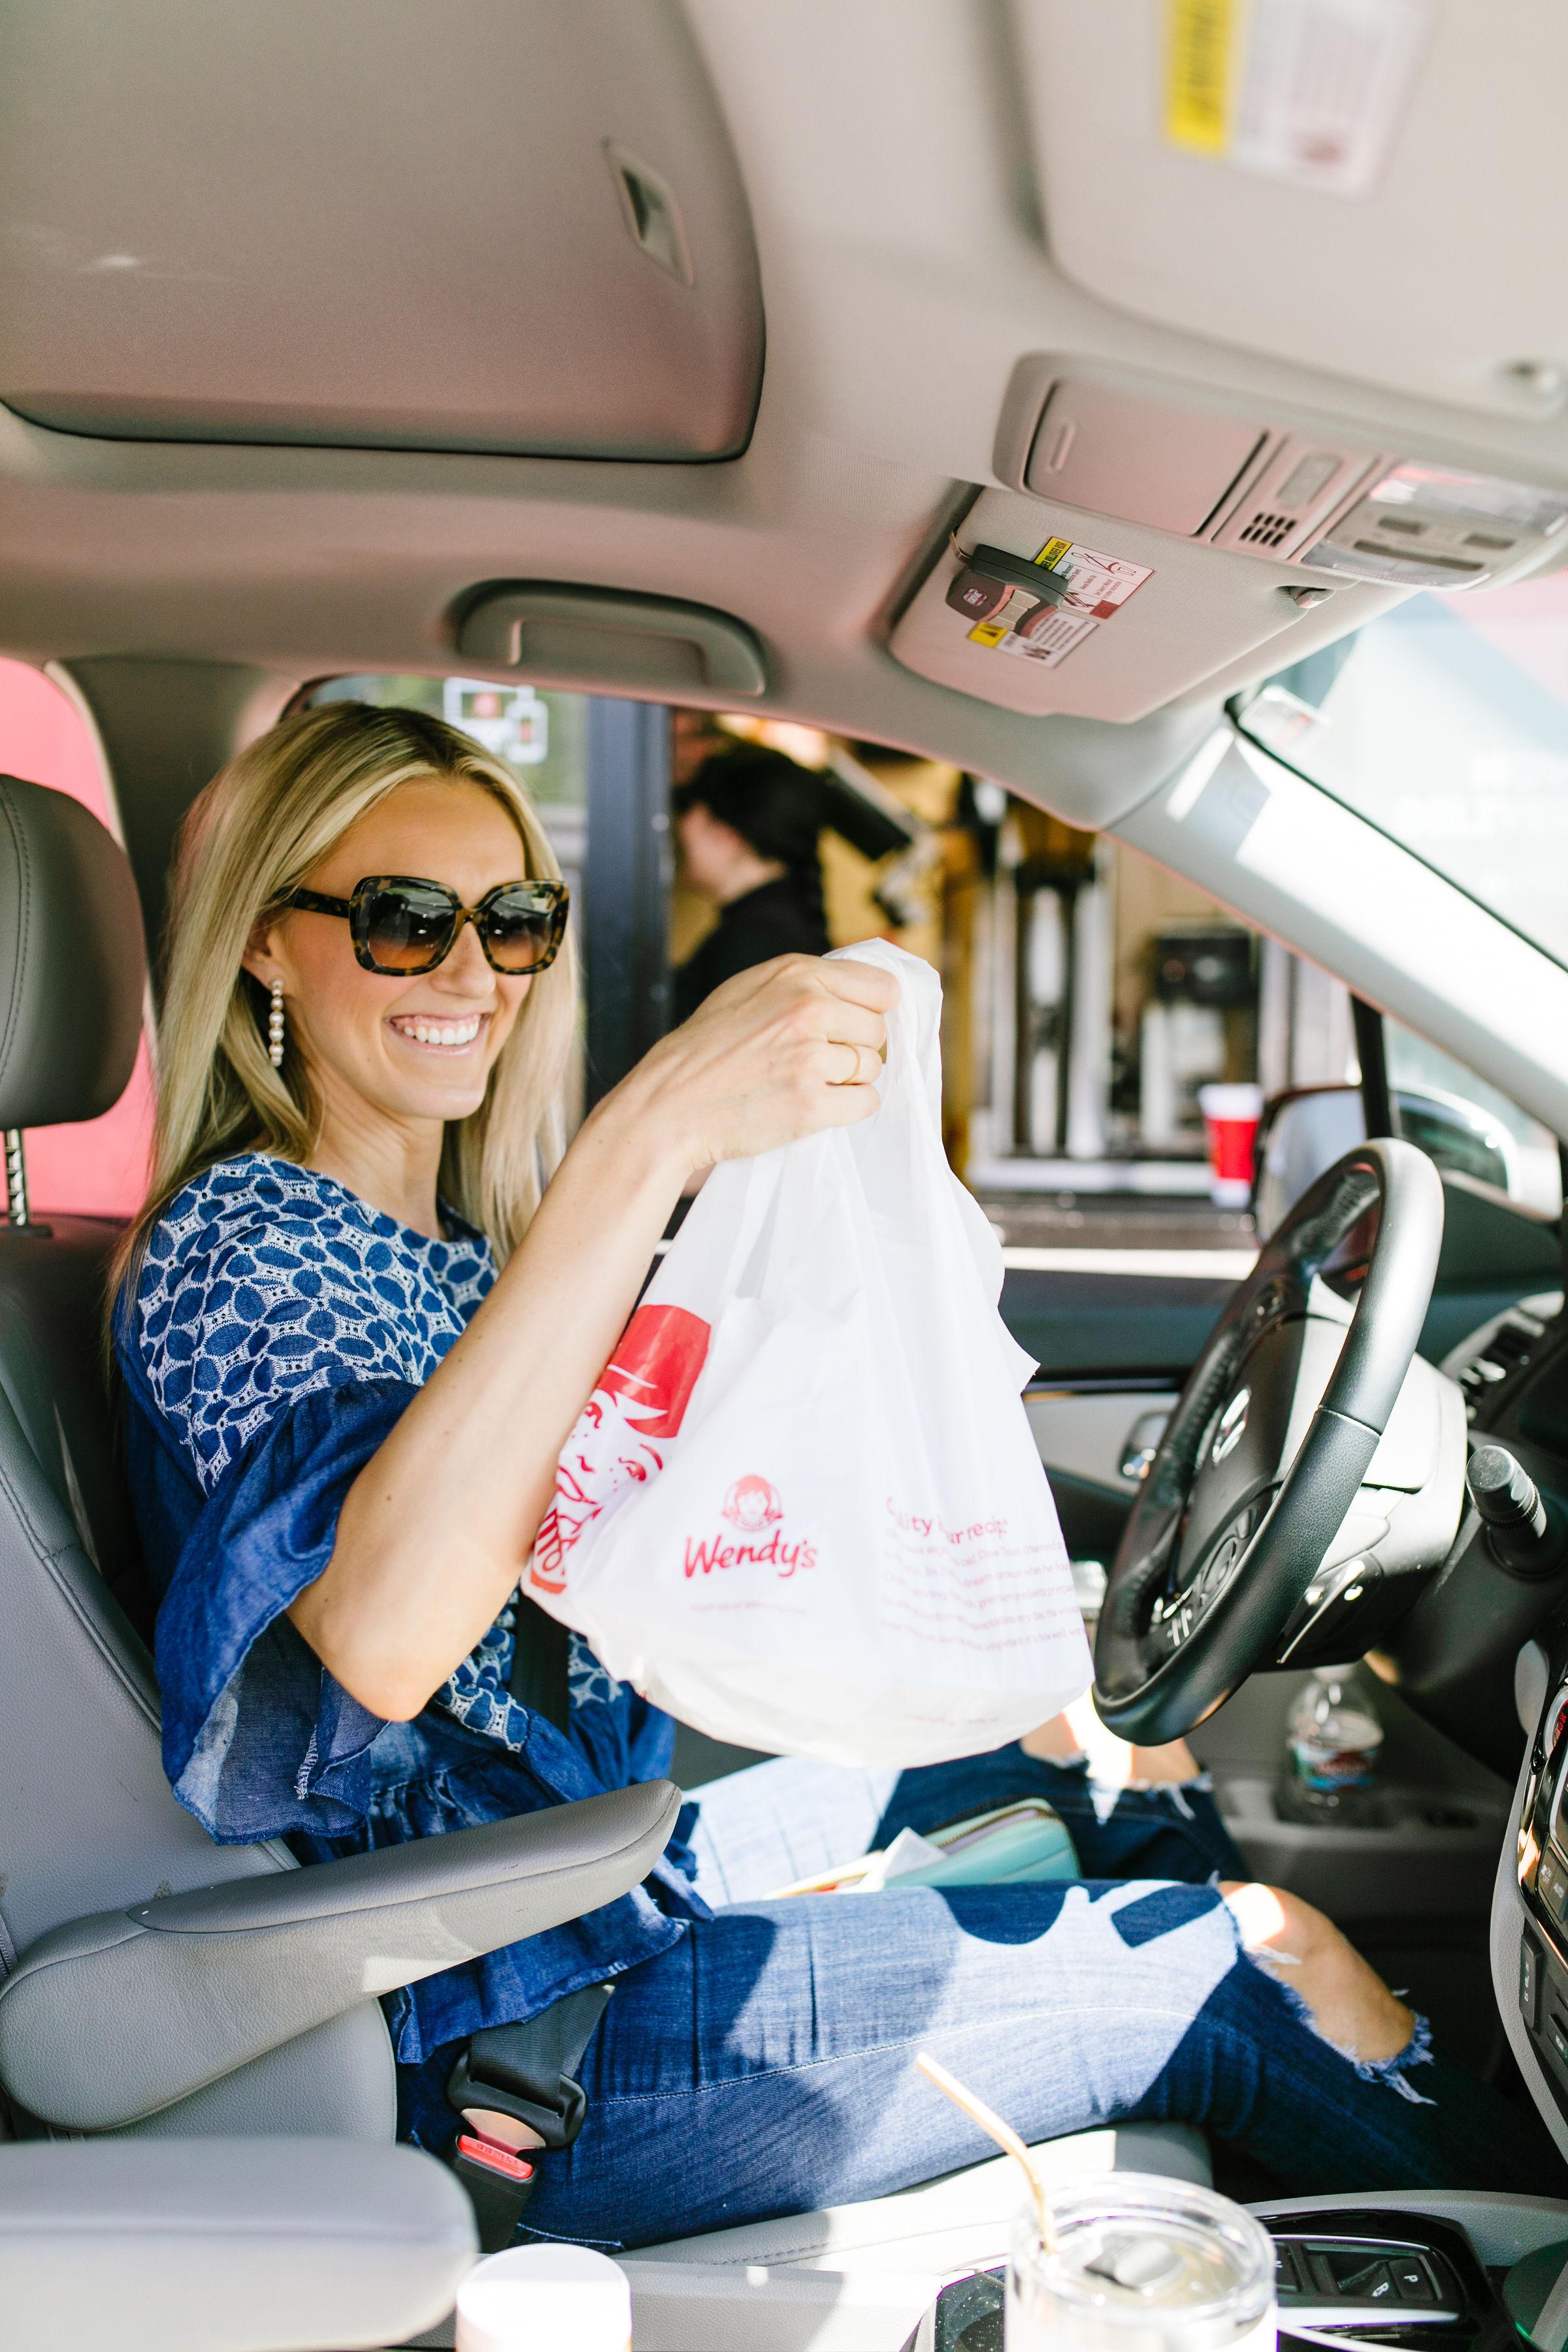 Wendy's_Drive_Thru.jpg